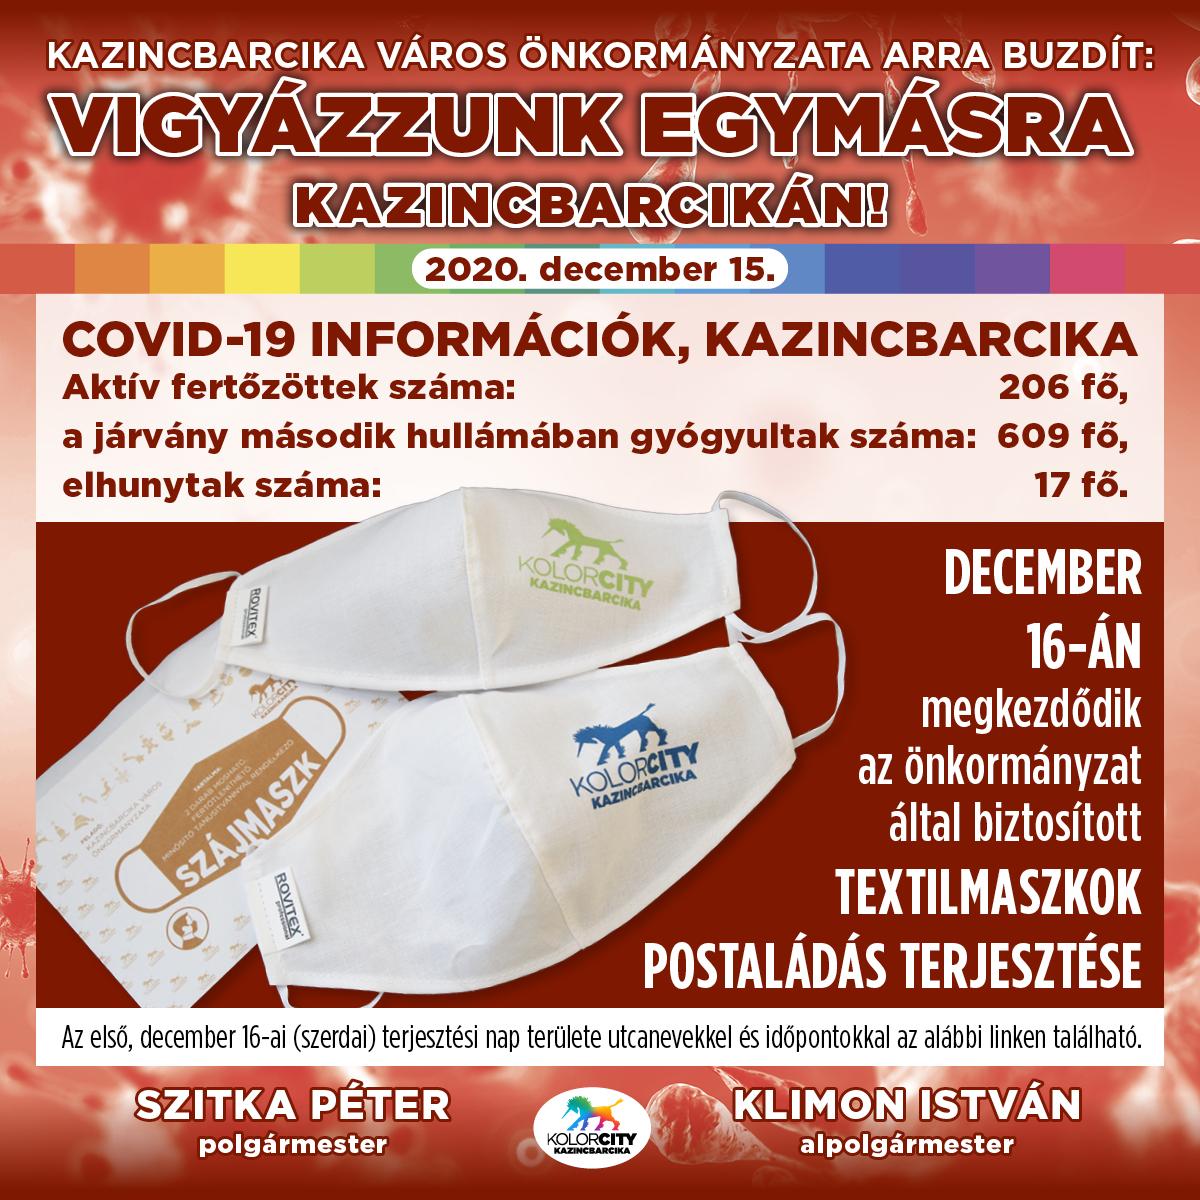 https://kolorline.hu/Vigyázzunk egymásra Kazincbarcikán! – 2020. december 15.